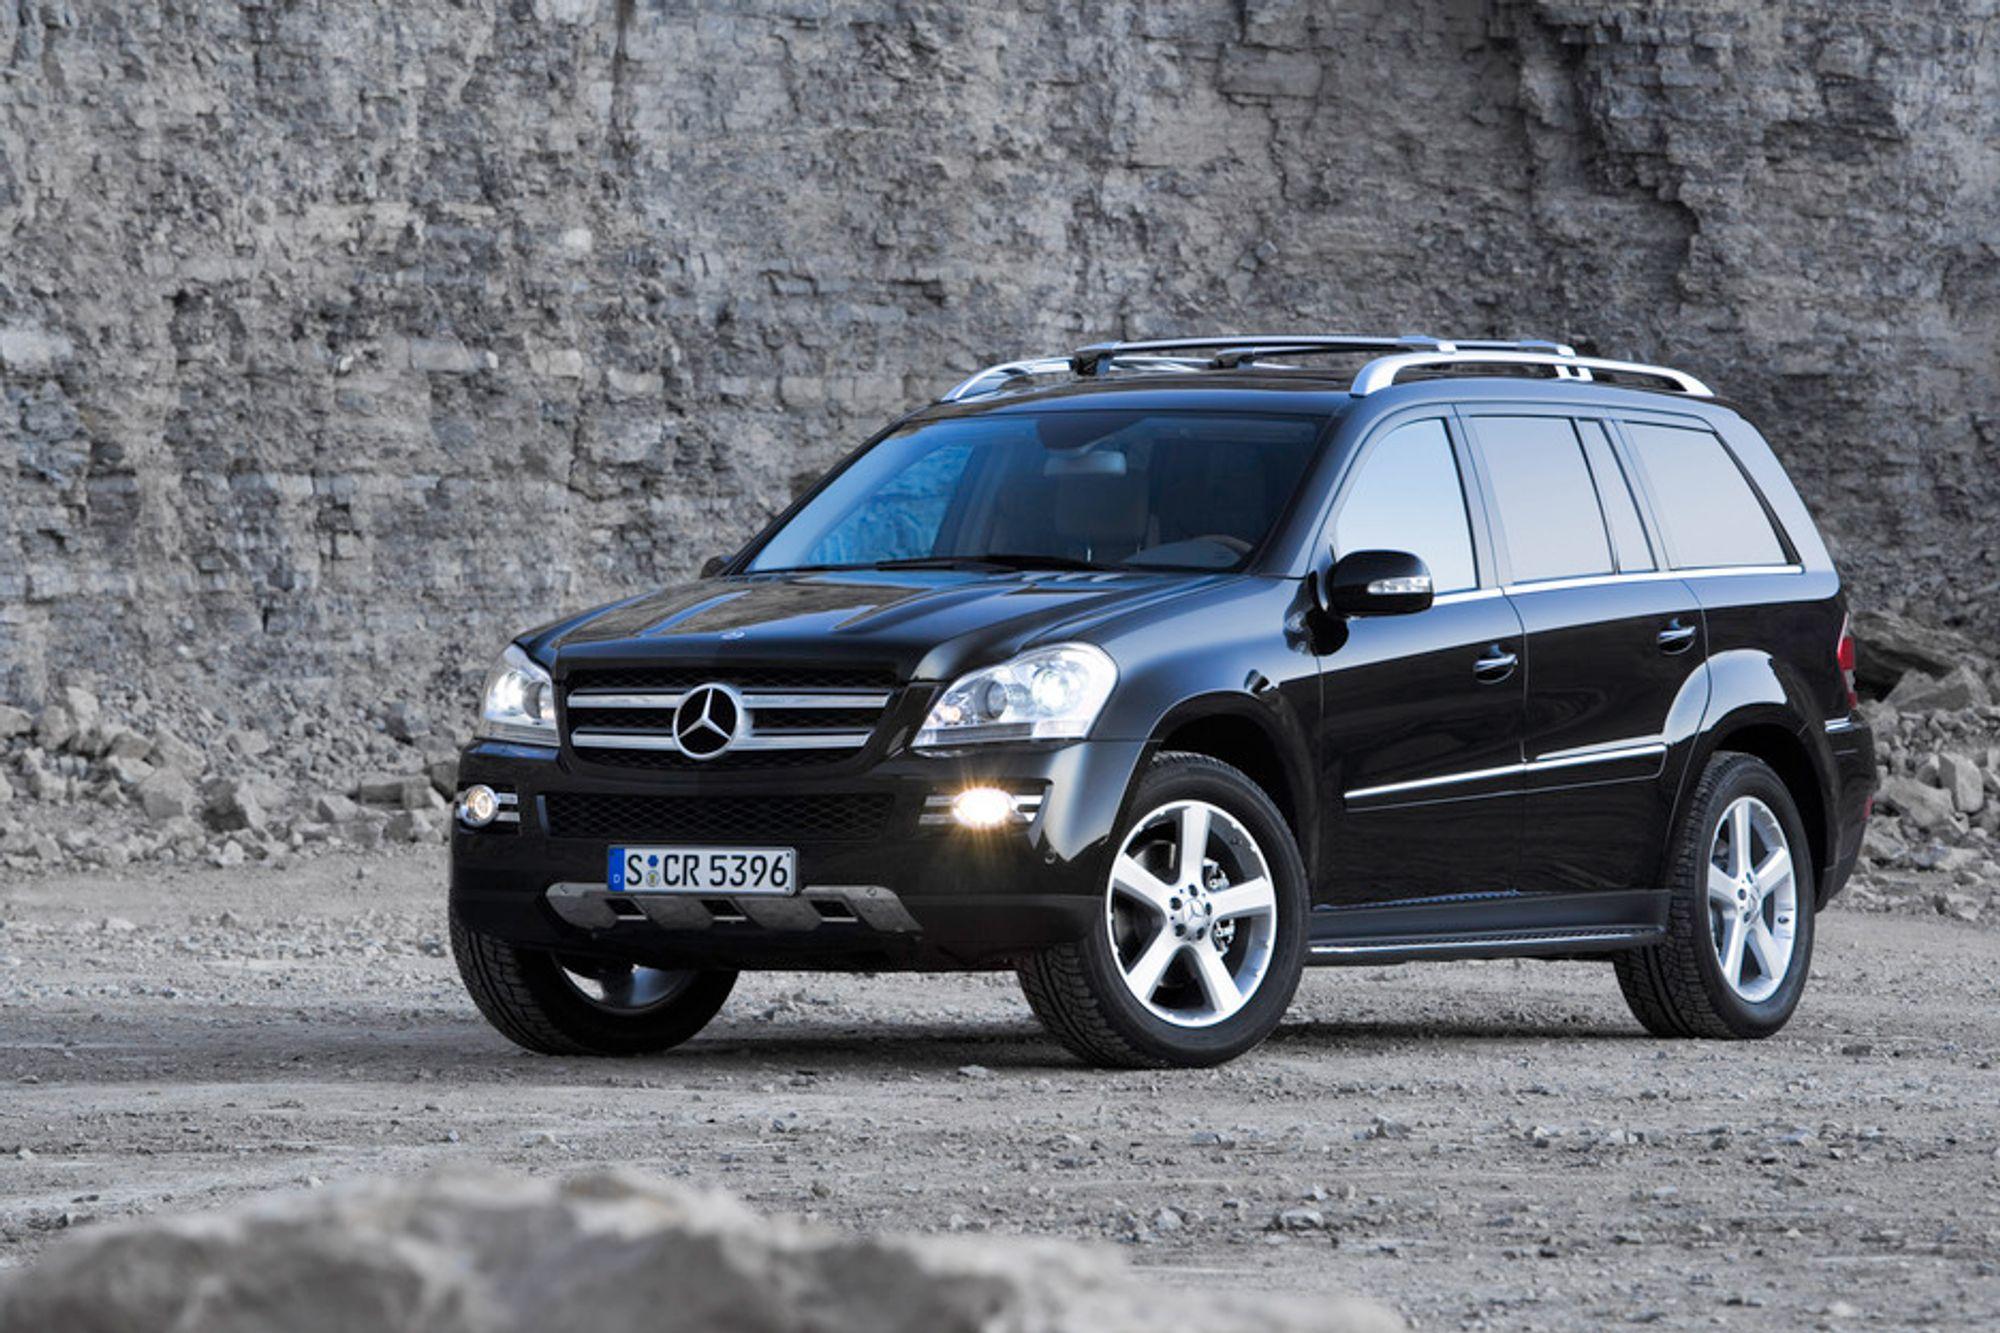 KRAFTIG: Nye Mercedes GL er fem meter lang og to meter bred og veier to tonn. Den skrever elegant over en bekk med vanndyp 600 millimeter og klatrer gjerne i en 45 graders skråning - men beskatningen av effekt gjør bilen temmelig kostbar.